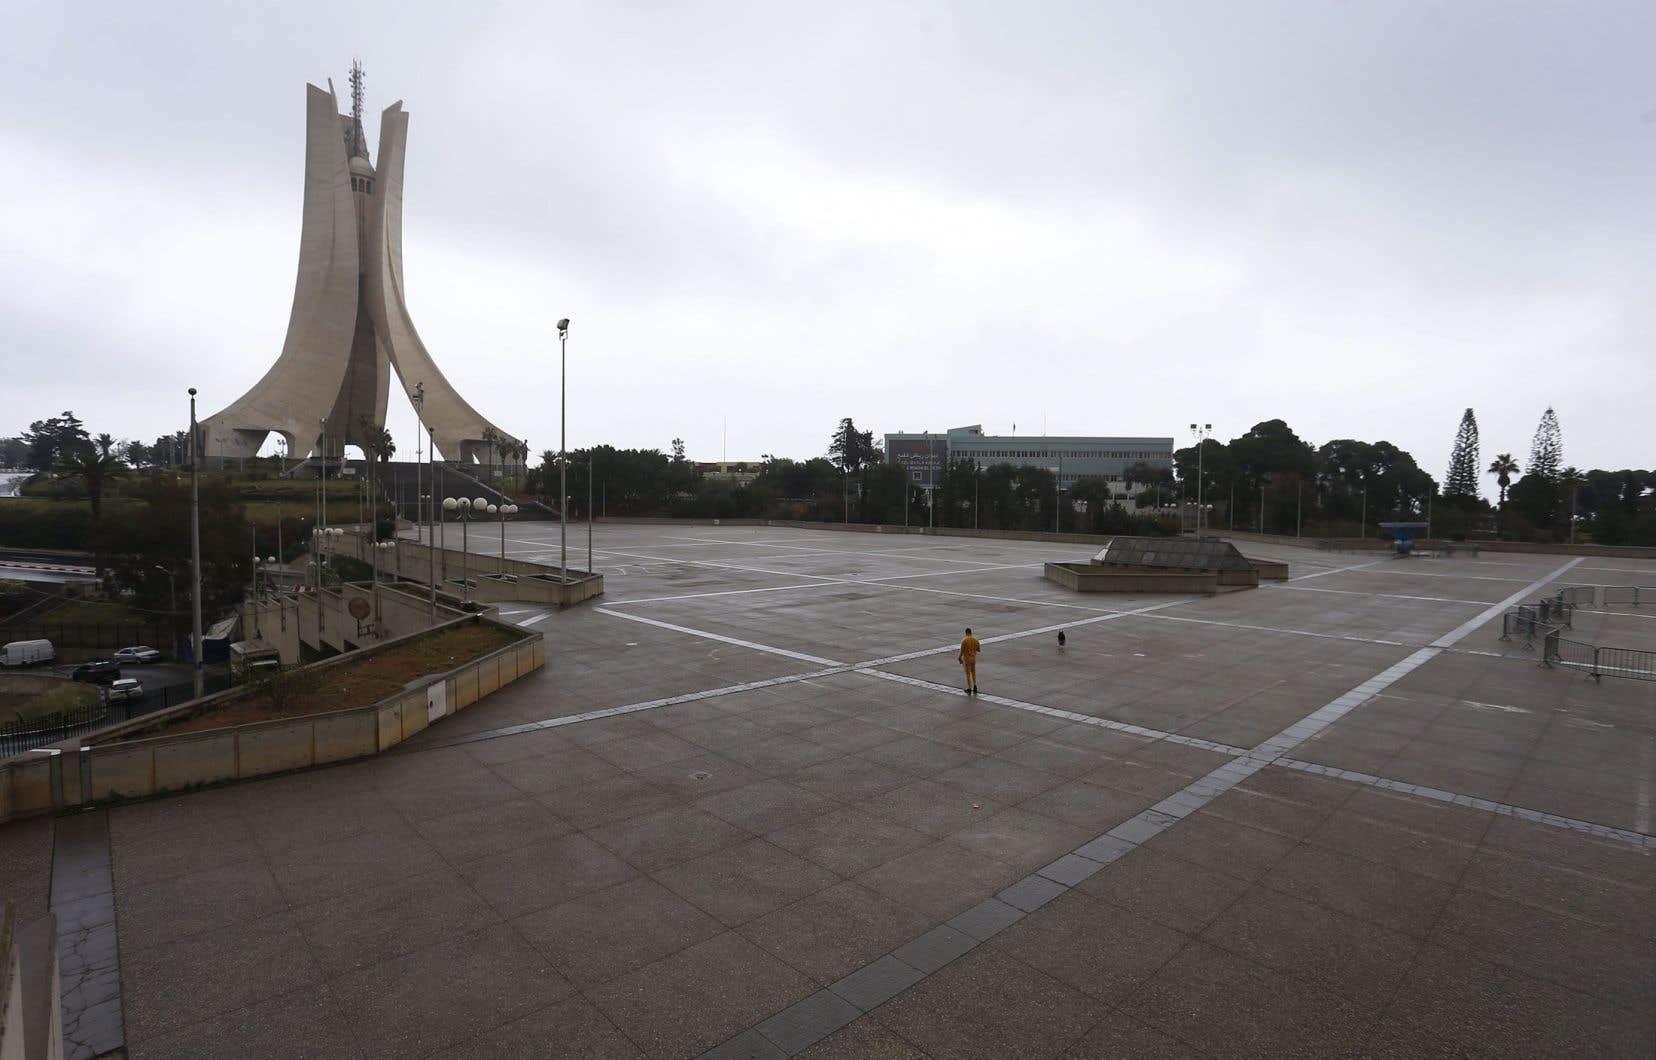 Le confinement volontaire prévaut désormais en Algérie pour réduire la propagation de la COVID-19.